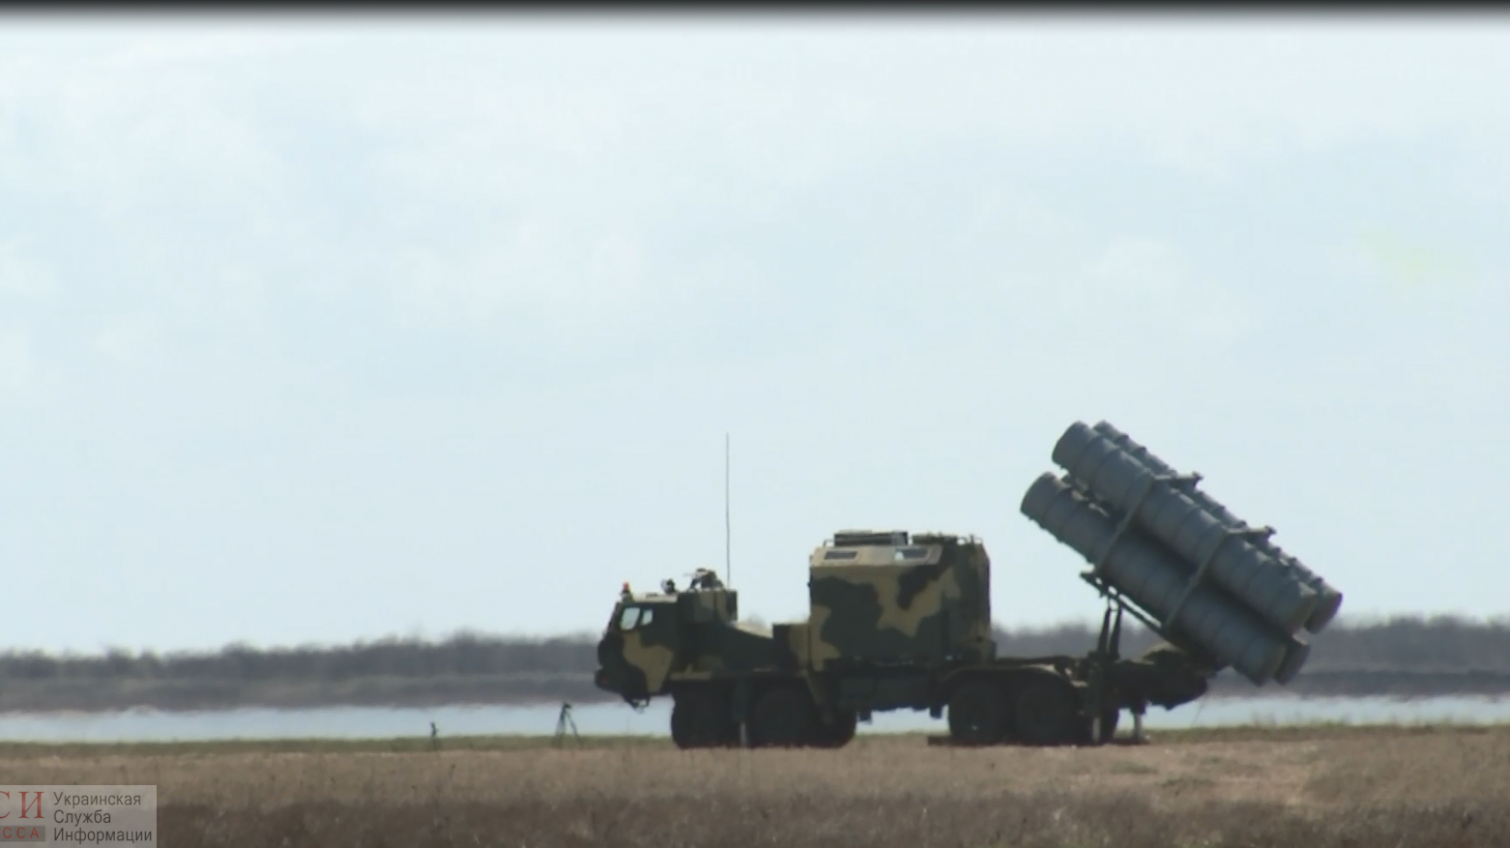 В Одесской области испытали первые украинские противокорабельные ракеты «Нептун» (видео) «фото»